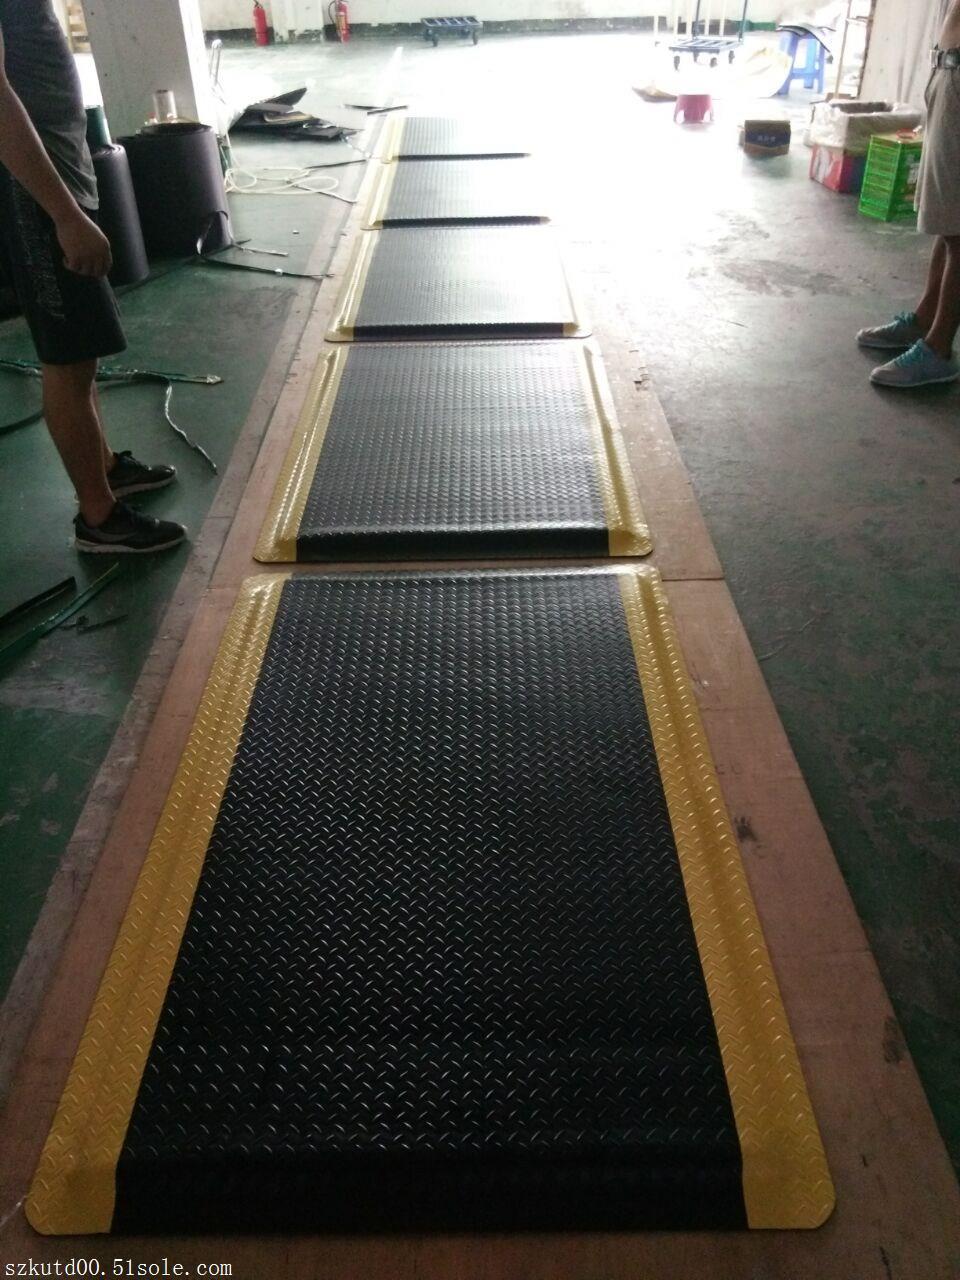 厂家直销防静电地垫 PVC抗疲劳防静电地垫 定制抗疲劳防静电地垫